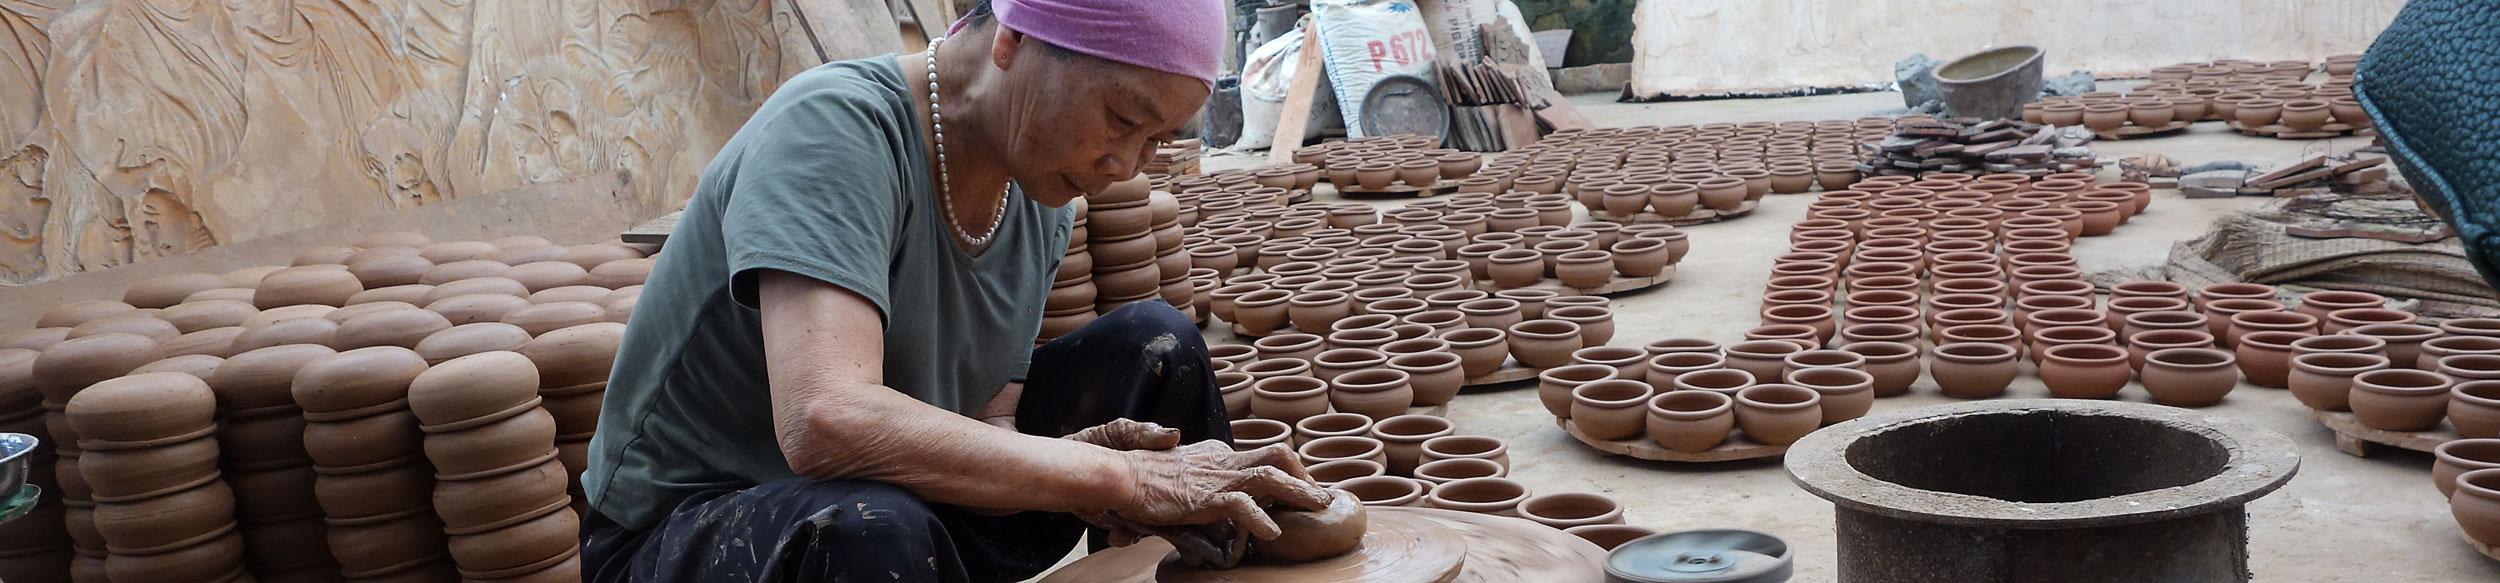 Femme sur un tour de potier au village de Phu Lang proche de Hanoi - artisanat asiatique